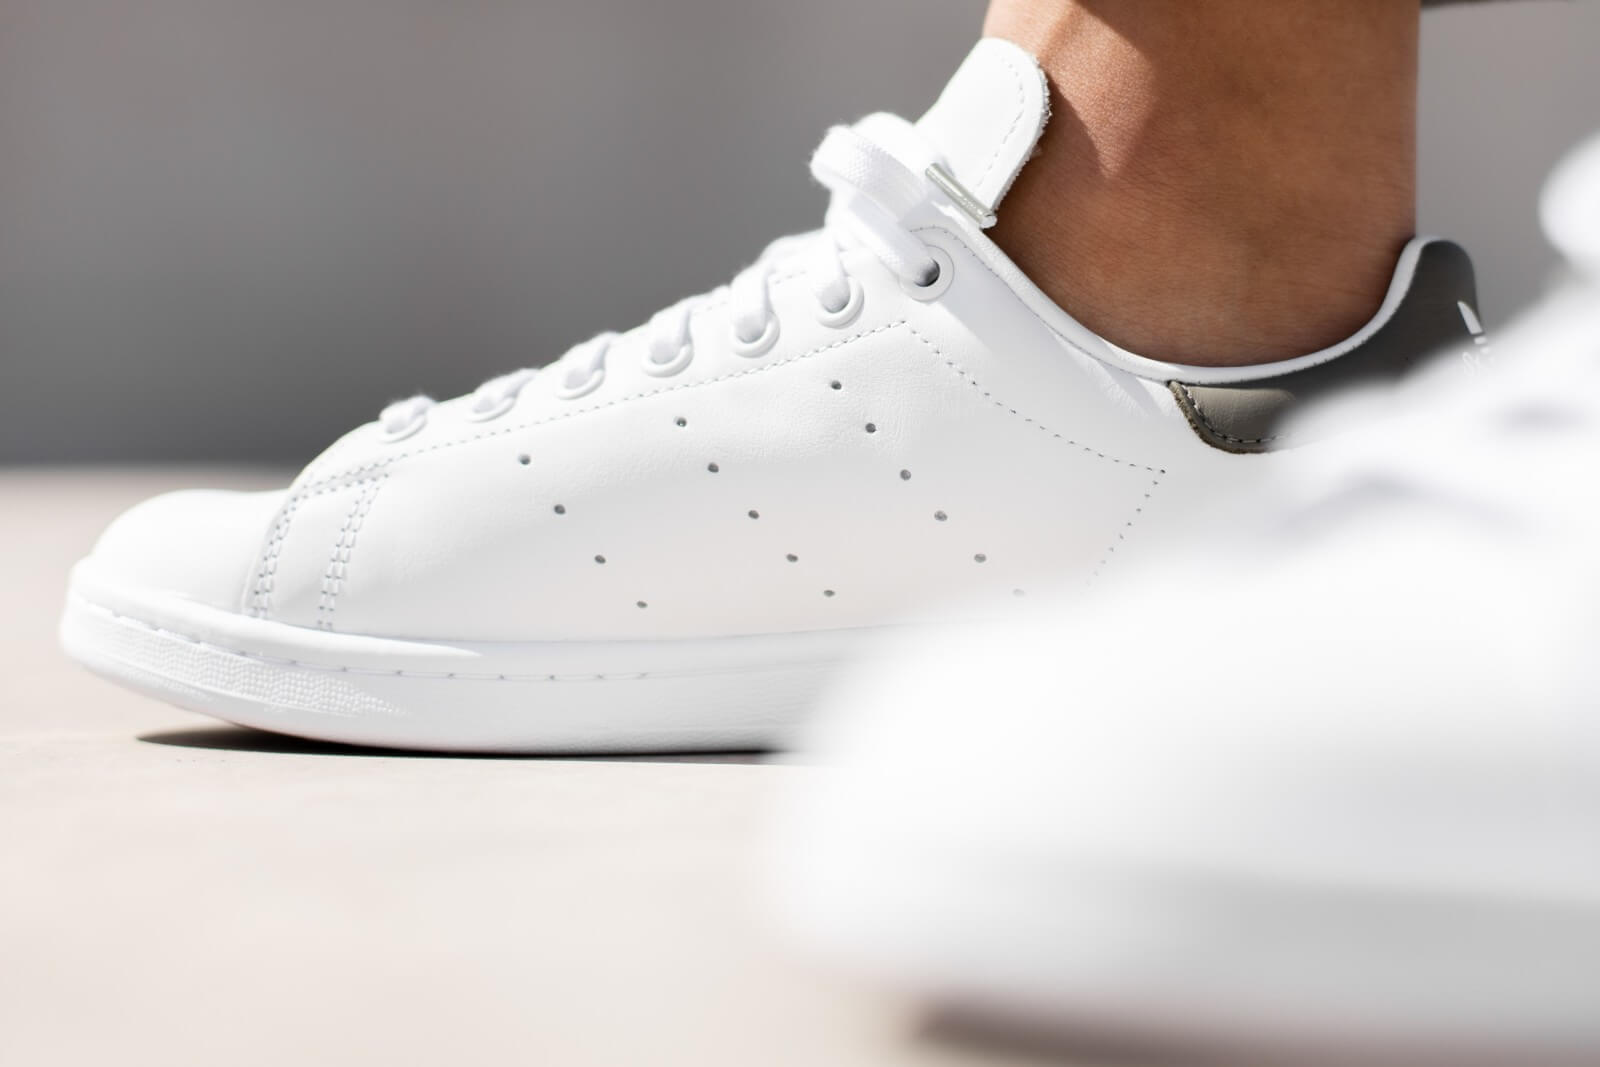 Adidas Stan Smith Cloud White/Legacy